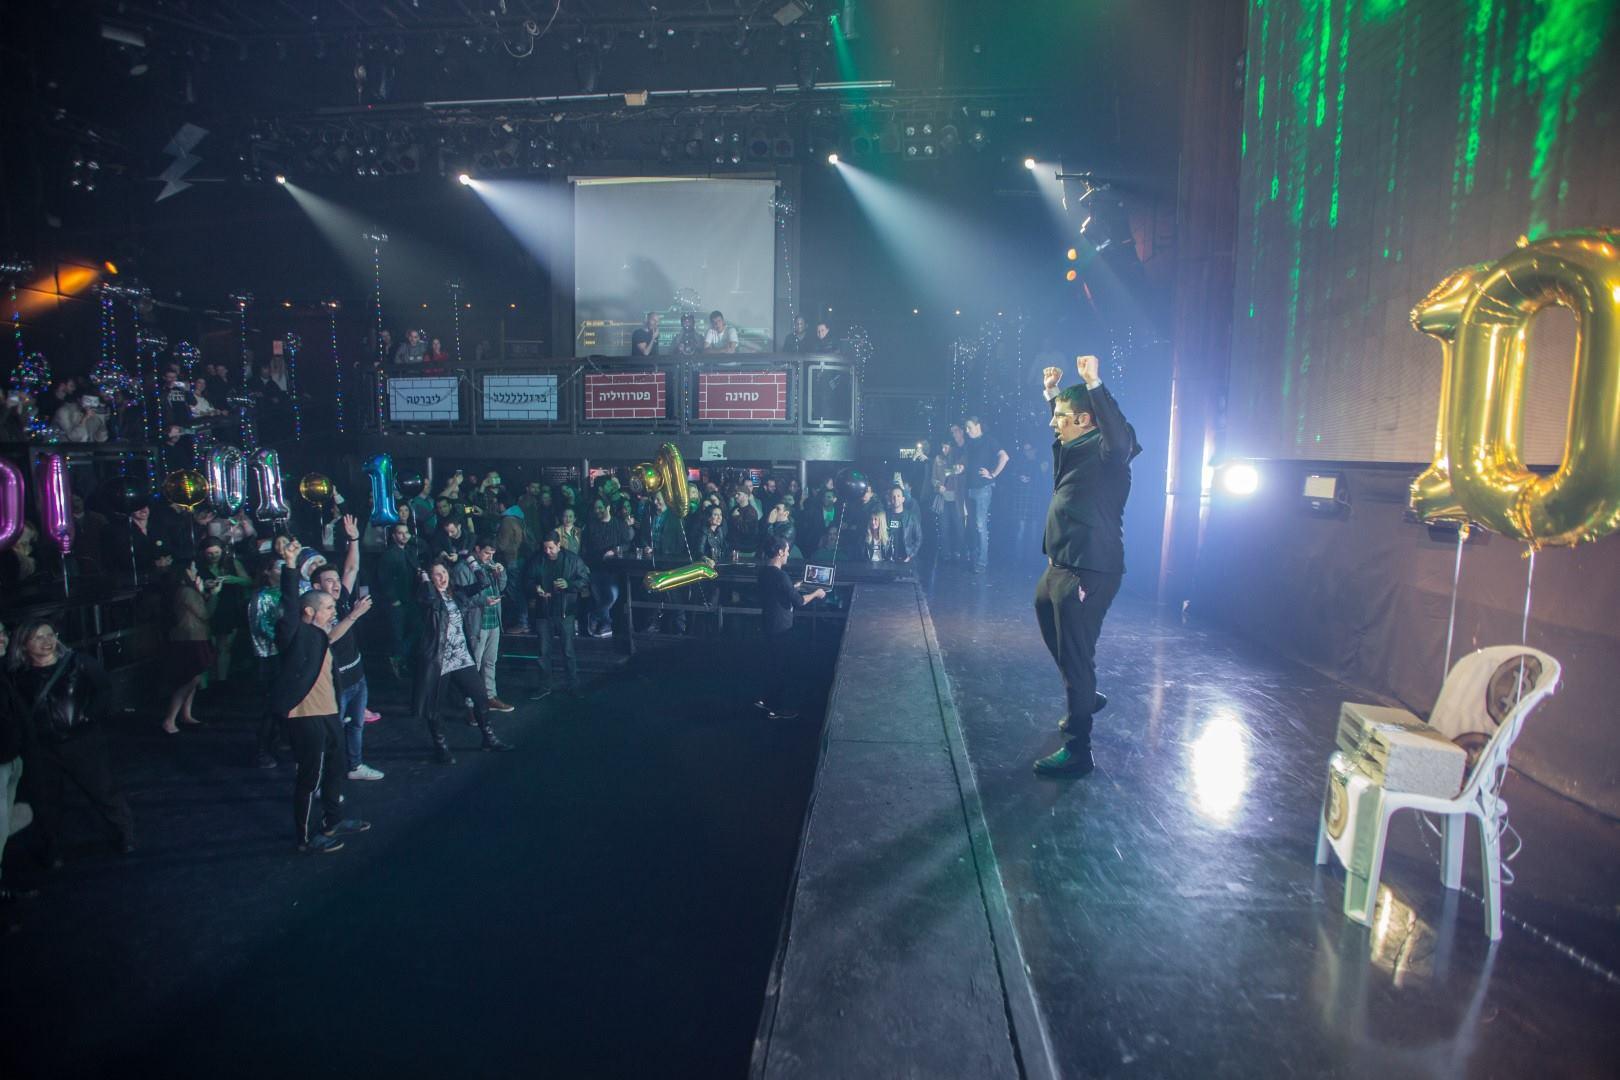 מסיבת עשור לביטקוין ינואר 2019 - מני על הבמה